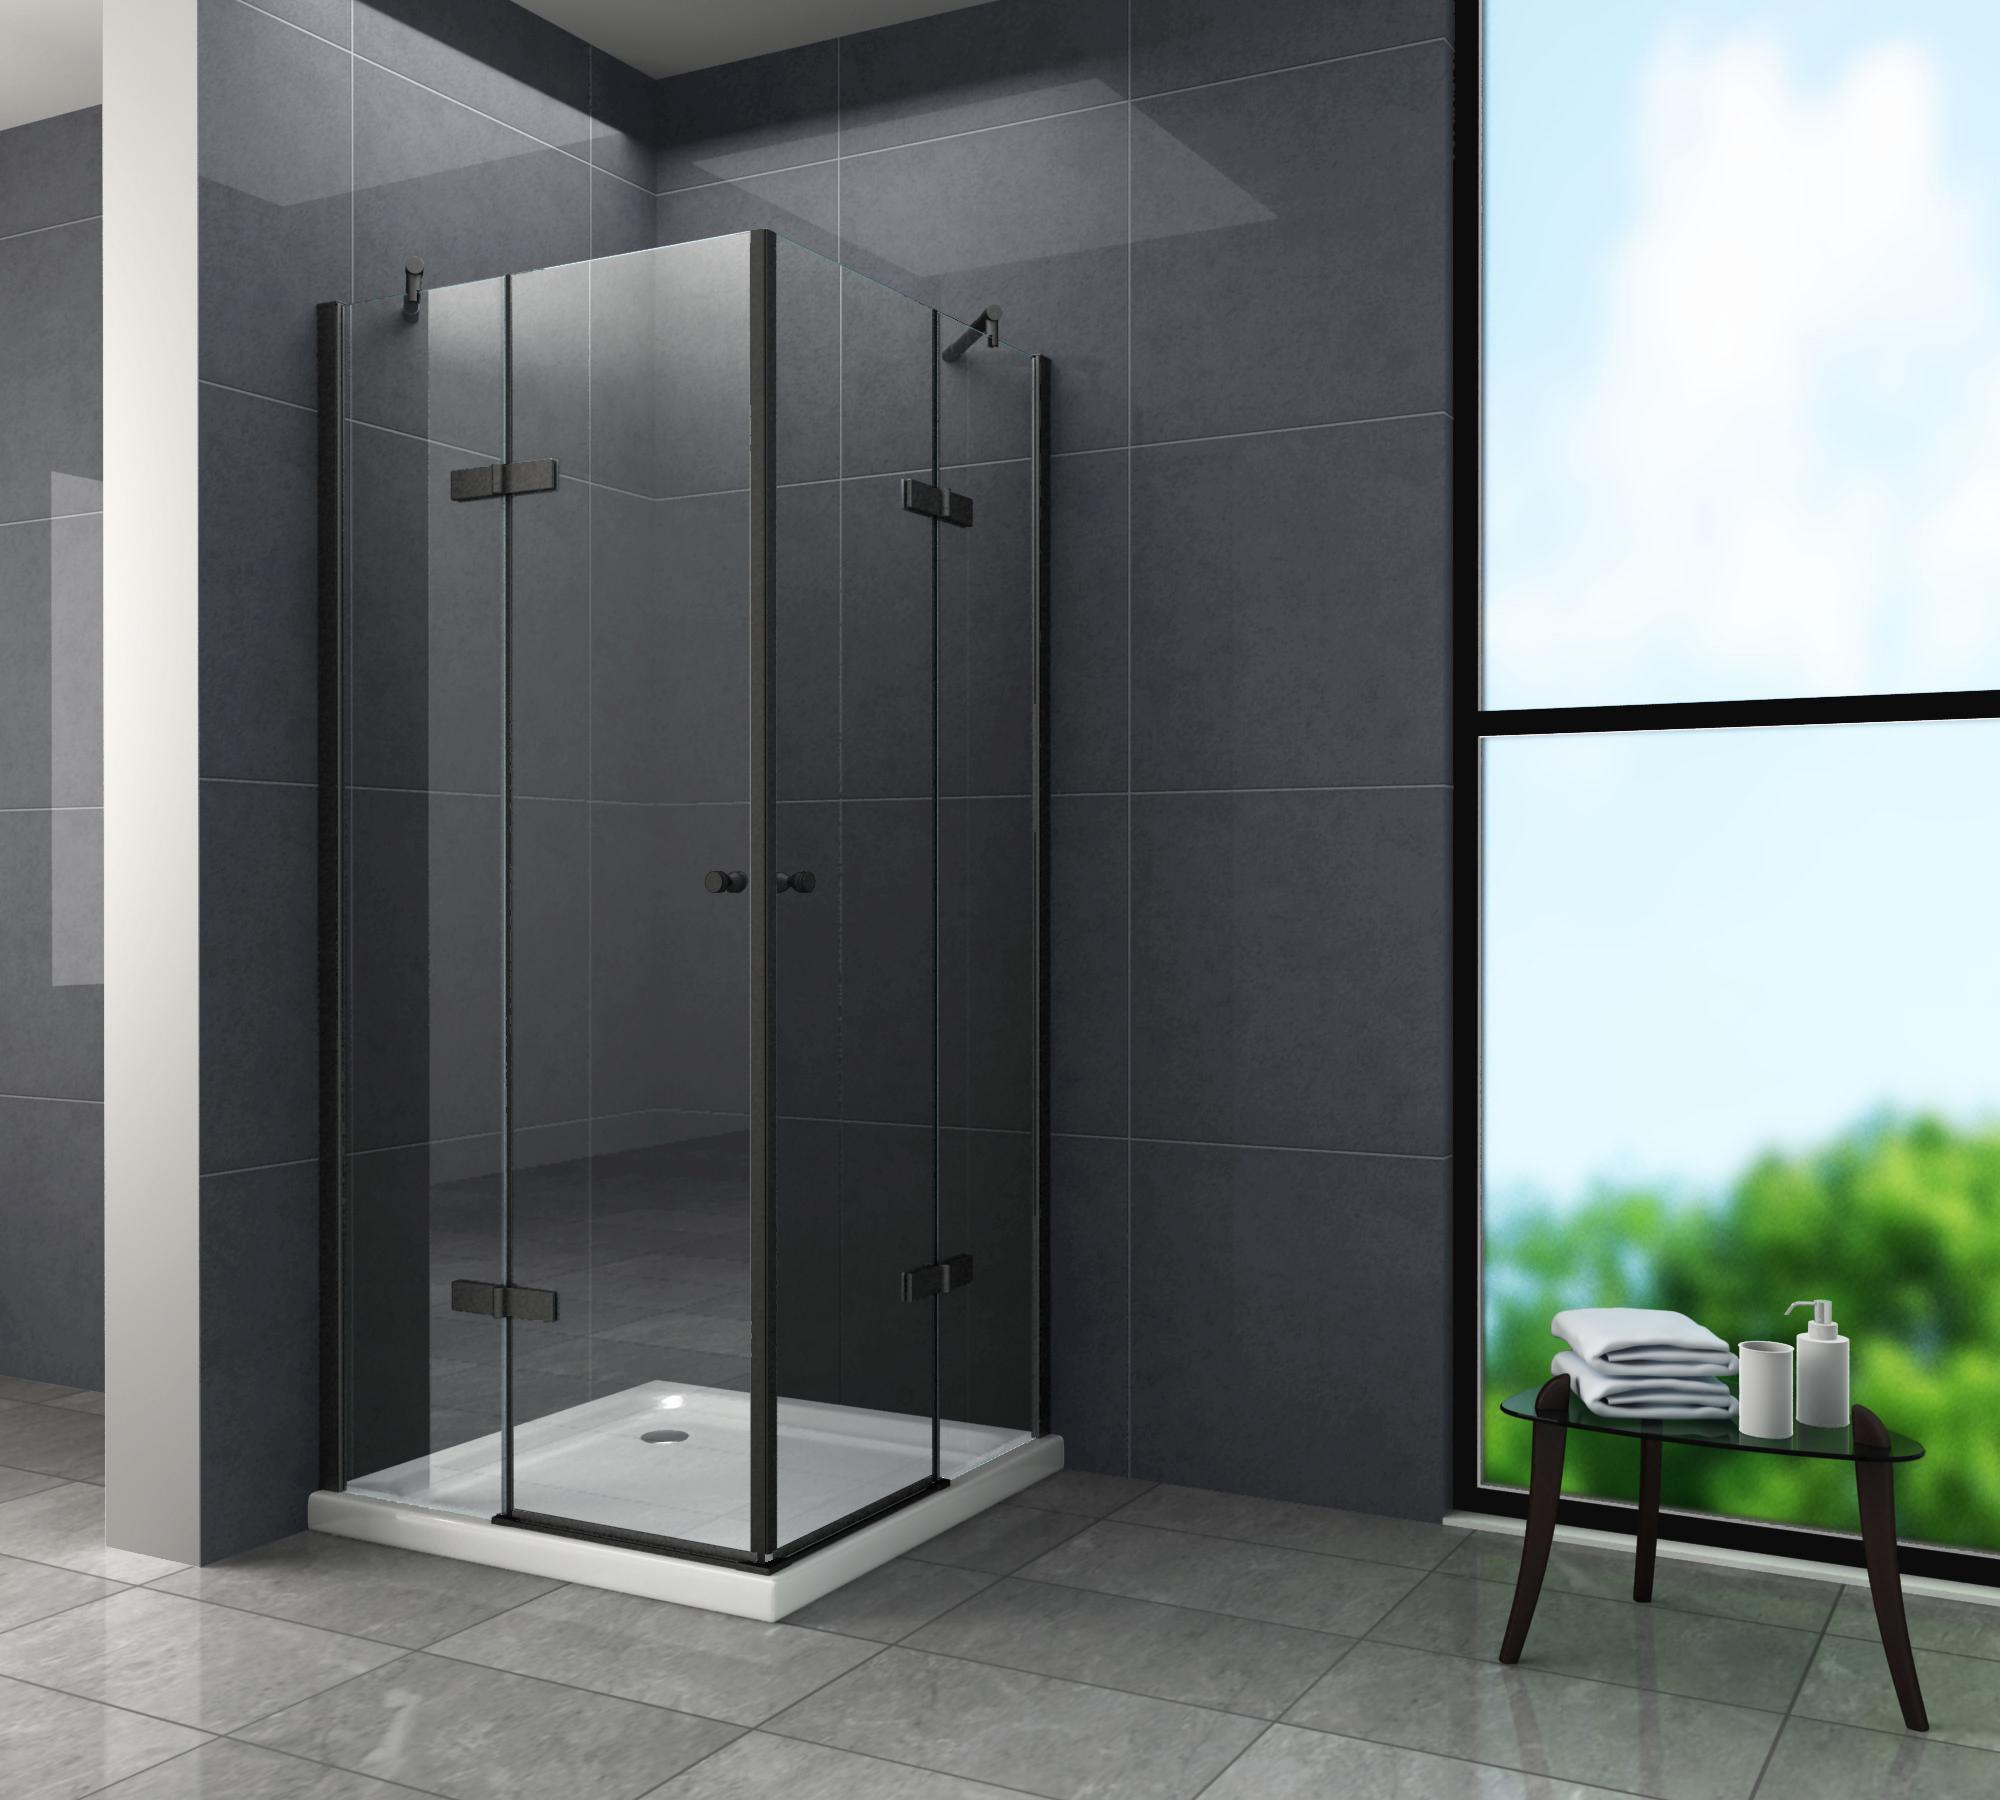 Duschkabine CORNO (schwarz) 90 x 75 x 195 cm ohne Duschtasse